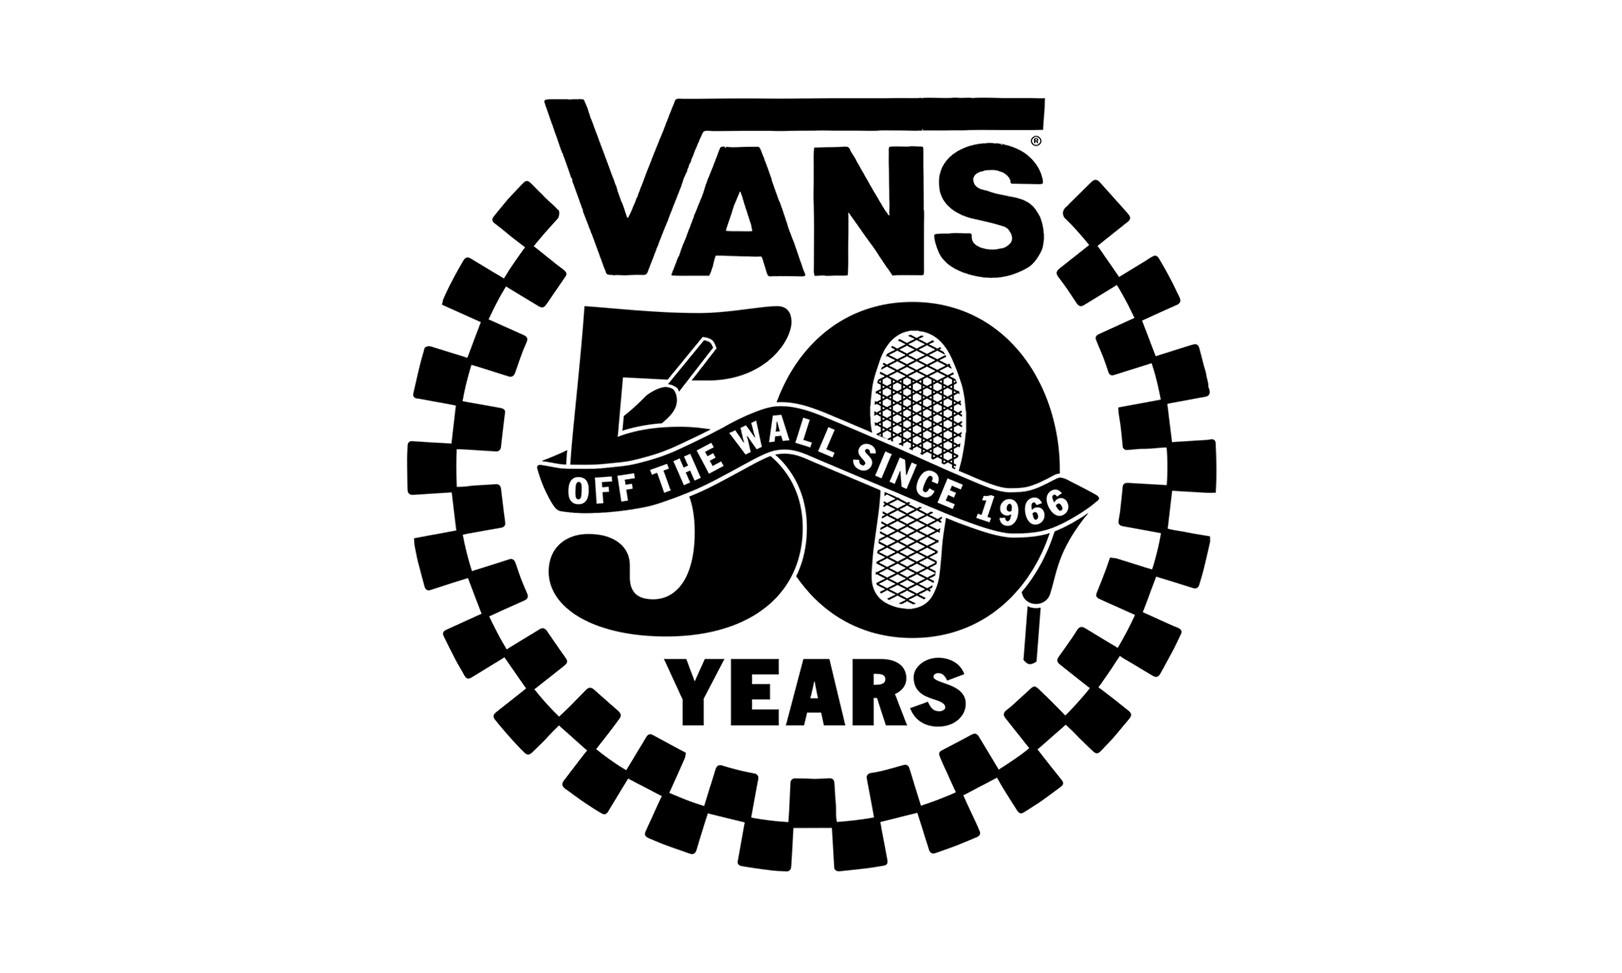 精神传承 50 年,vans 创意表达活动即将揭开序幕图片